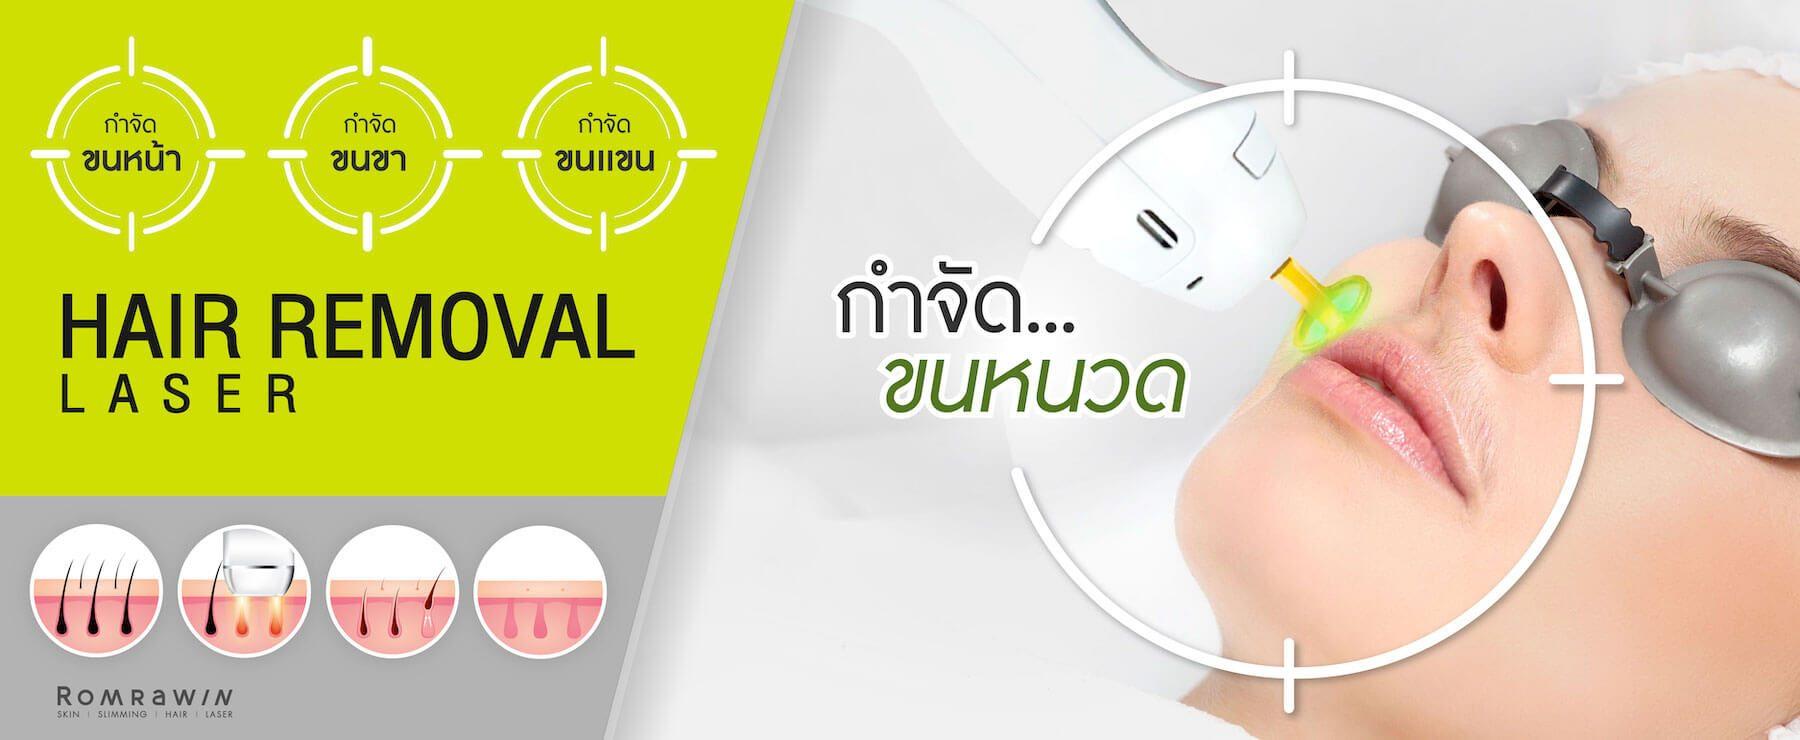 hair-removal-laser-หนวด-02-1-1800x740